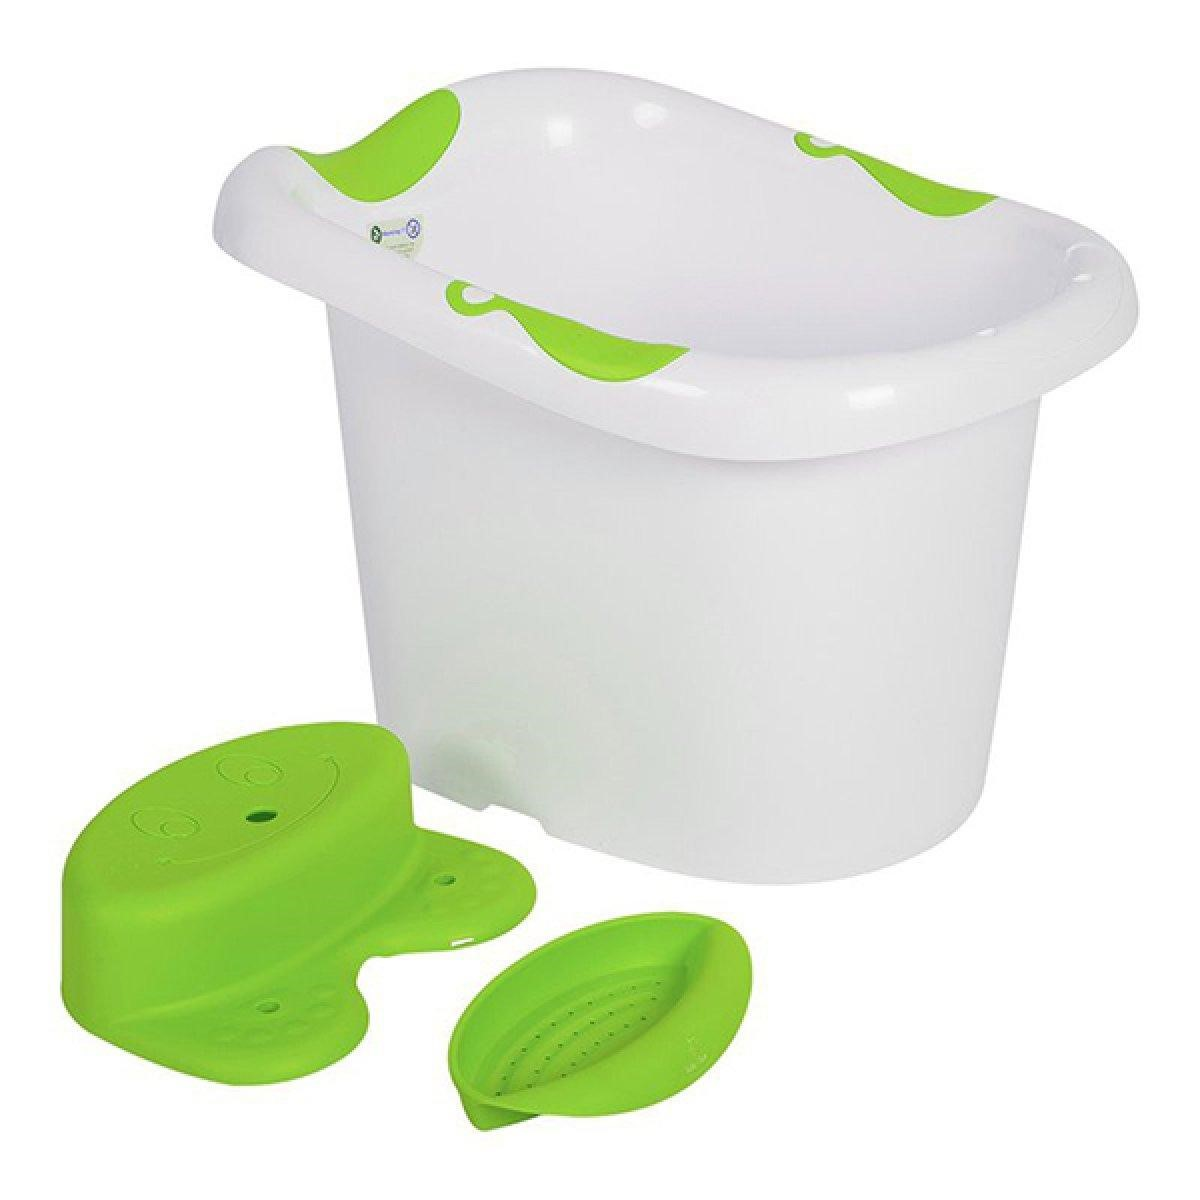 Kiểu chậu tắm cao sẽ giúp cho mẹ sinh mổ thuận tiện hơn trong quá trình tắm bé